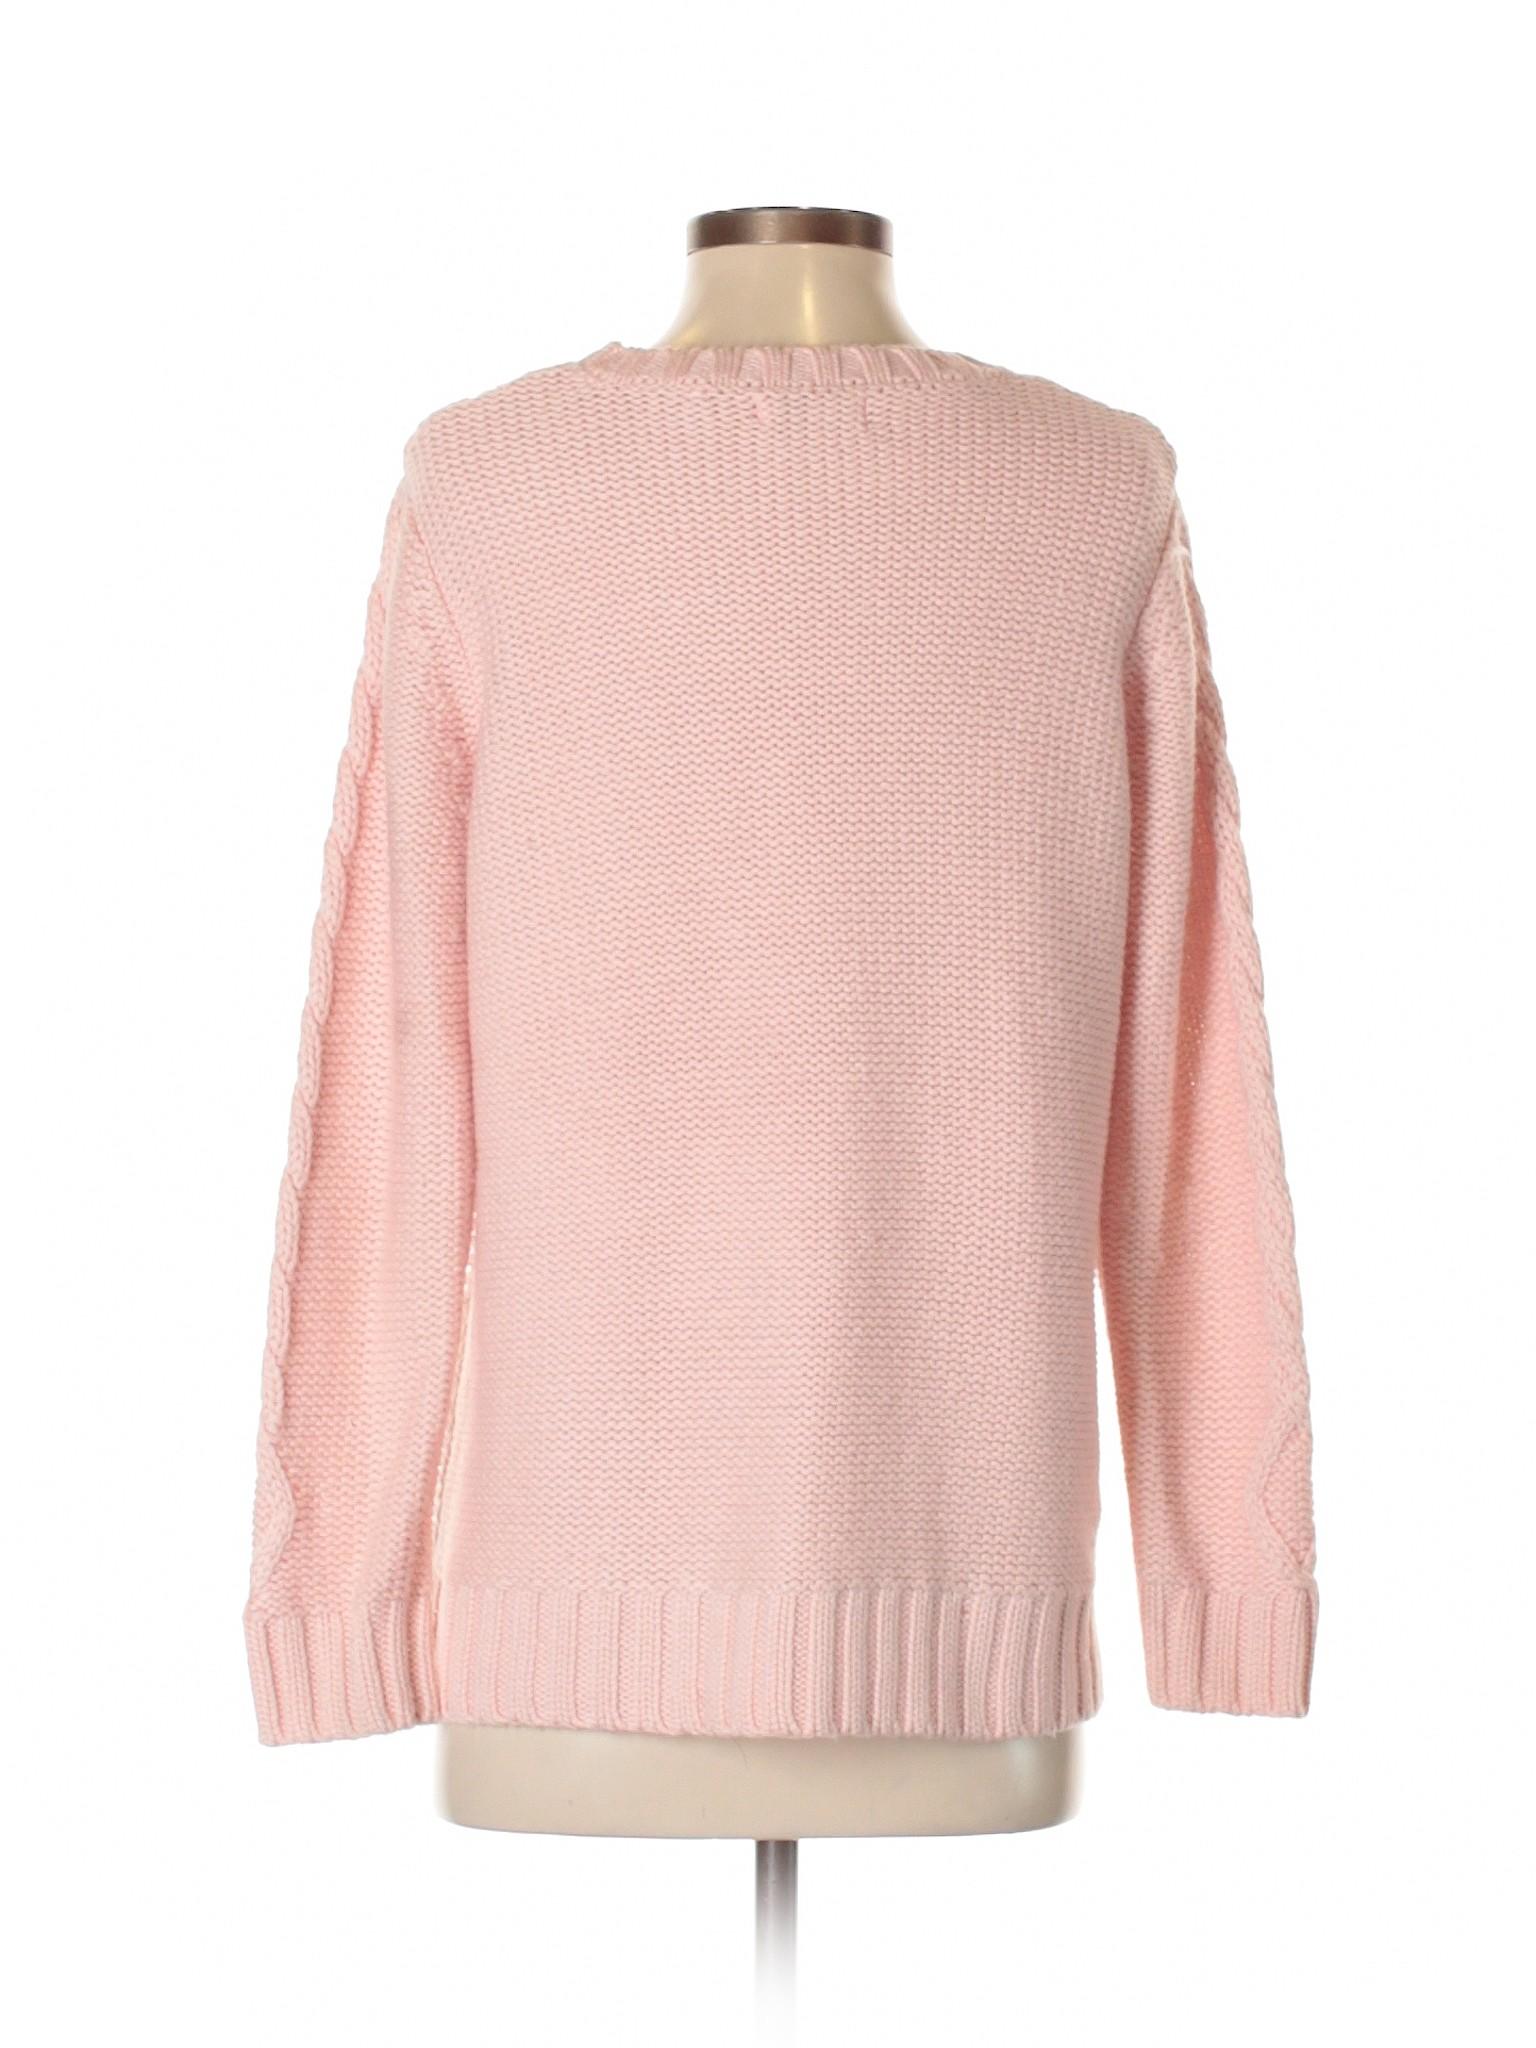 525 Sweater Sweater Pullover Boutique Boutique Pullover America America 525 BBfrtT